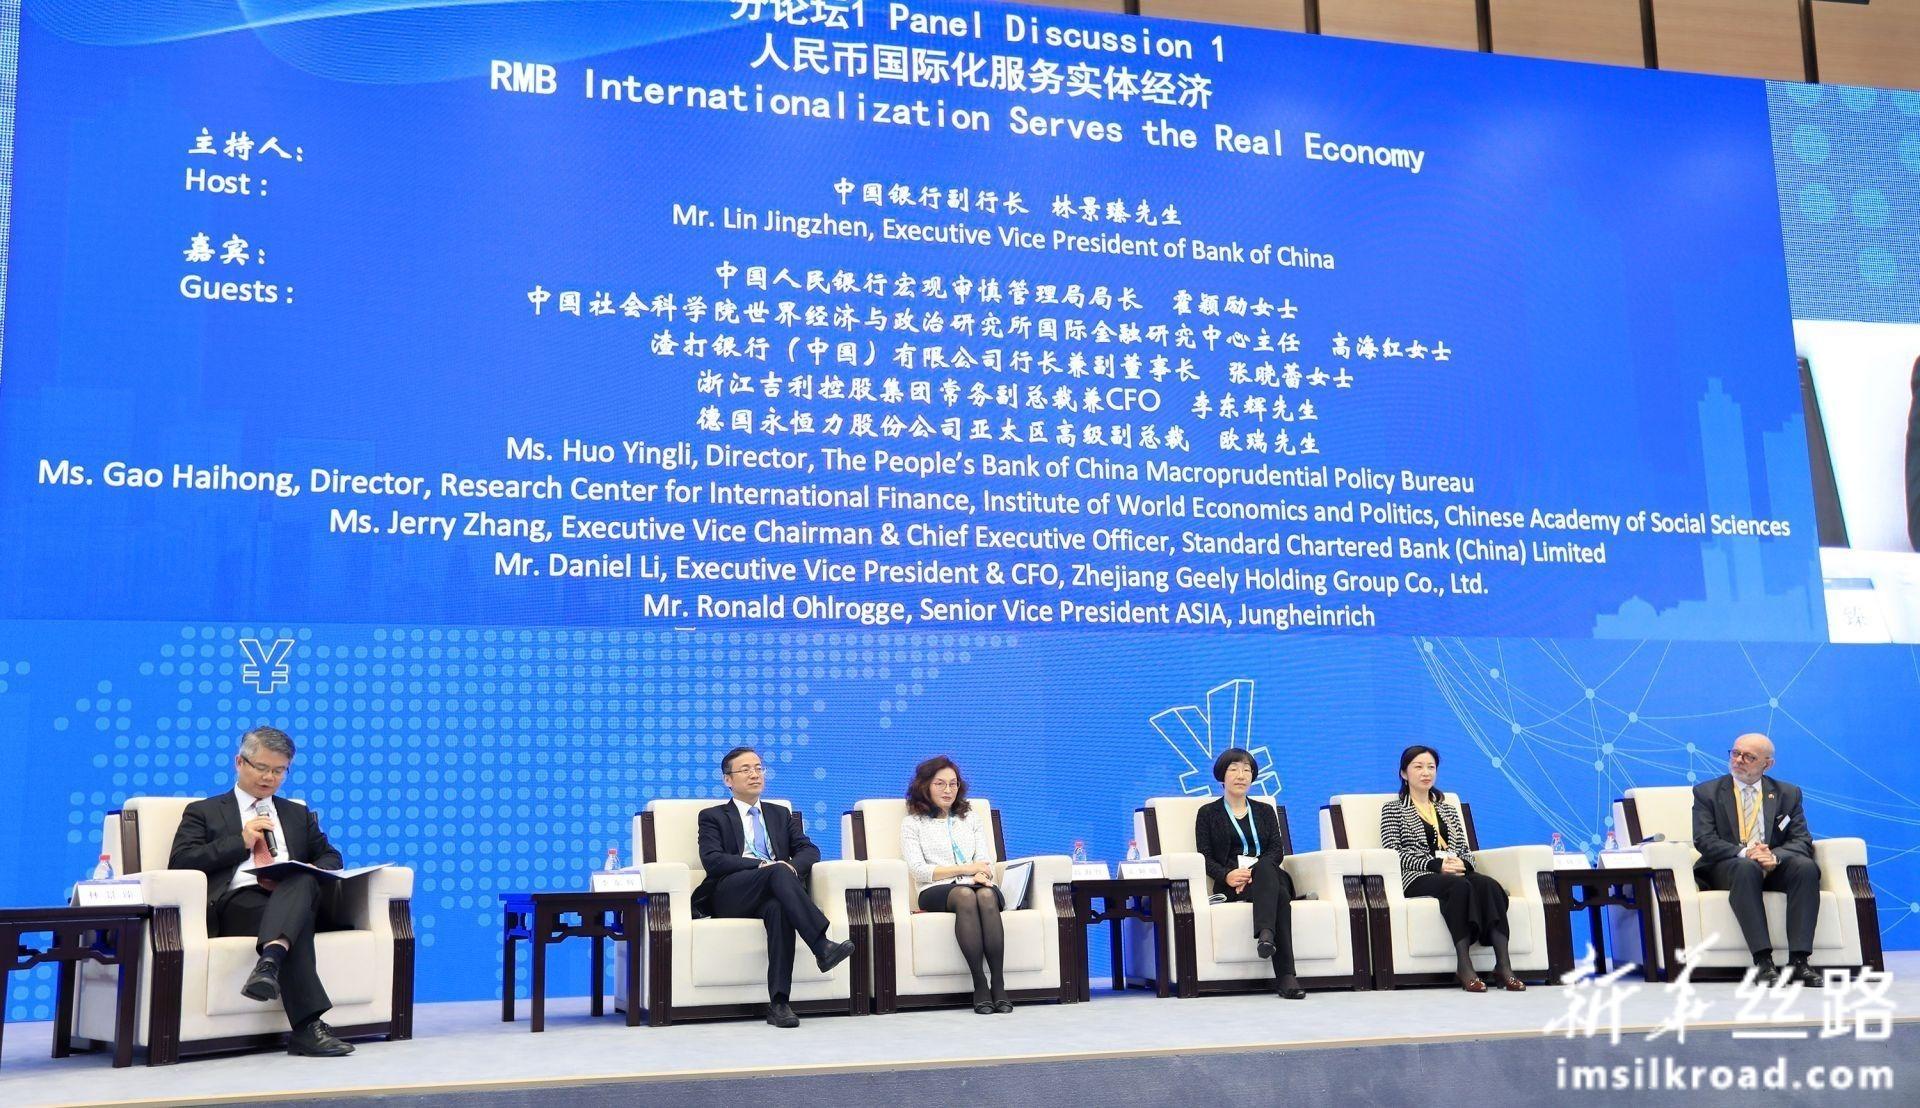 分论坛1:人民币国际化服务实体经济会场